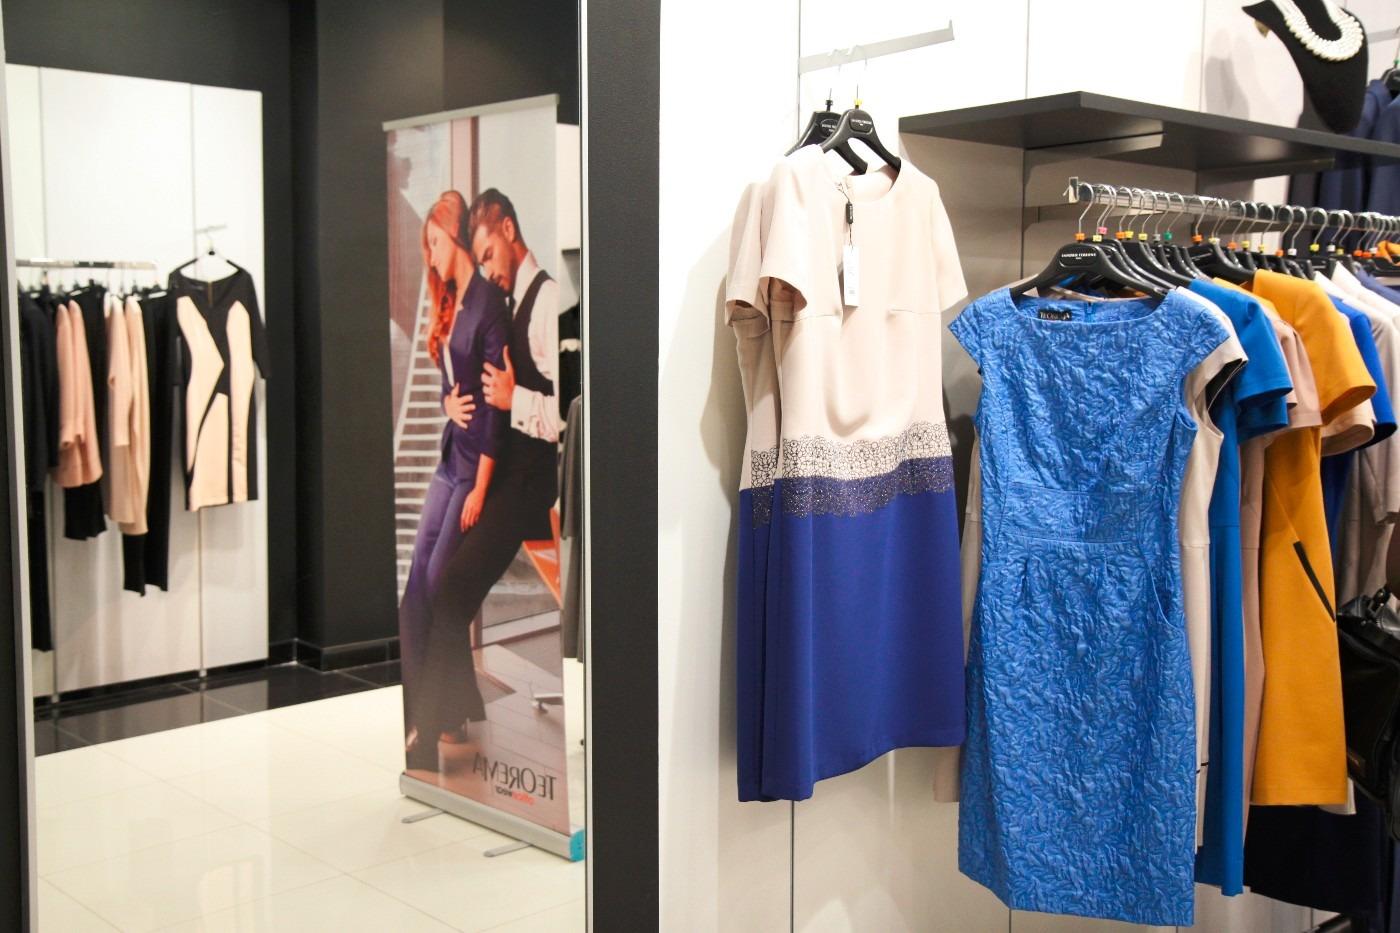 Метрополис Магазины Женской Одежды